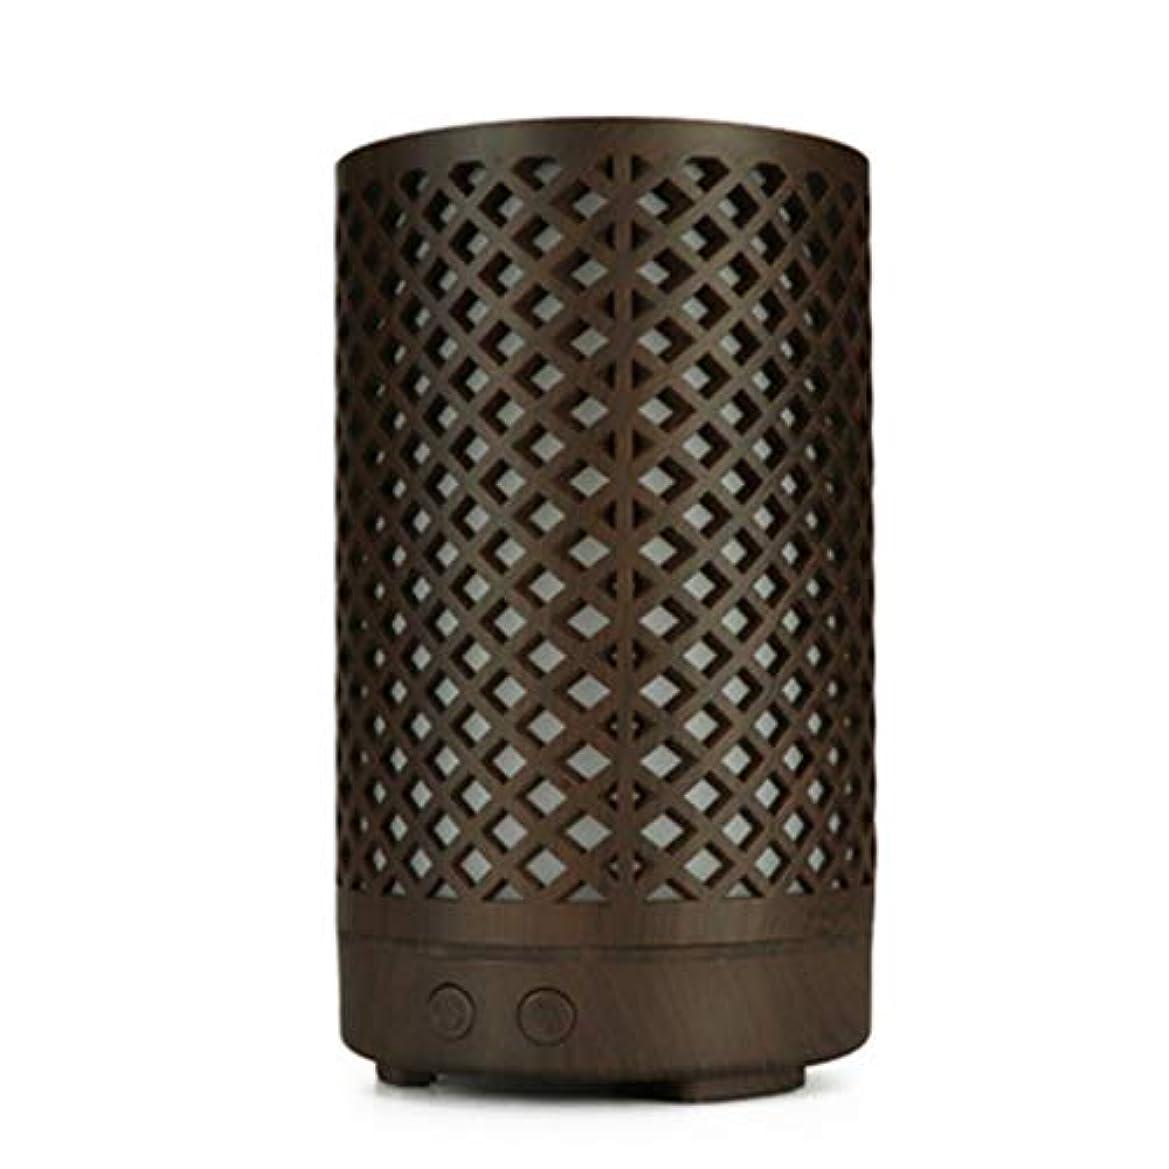 不適切なファブリック借りる木目加湿器家庭用100ミリリットルミニデスクトップカラフルなアロマテラピーマシン (Color : Dark wood grain)